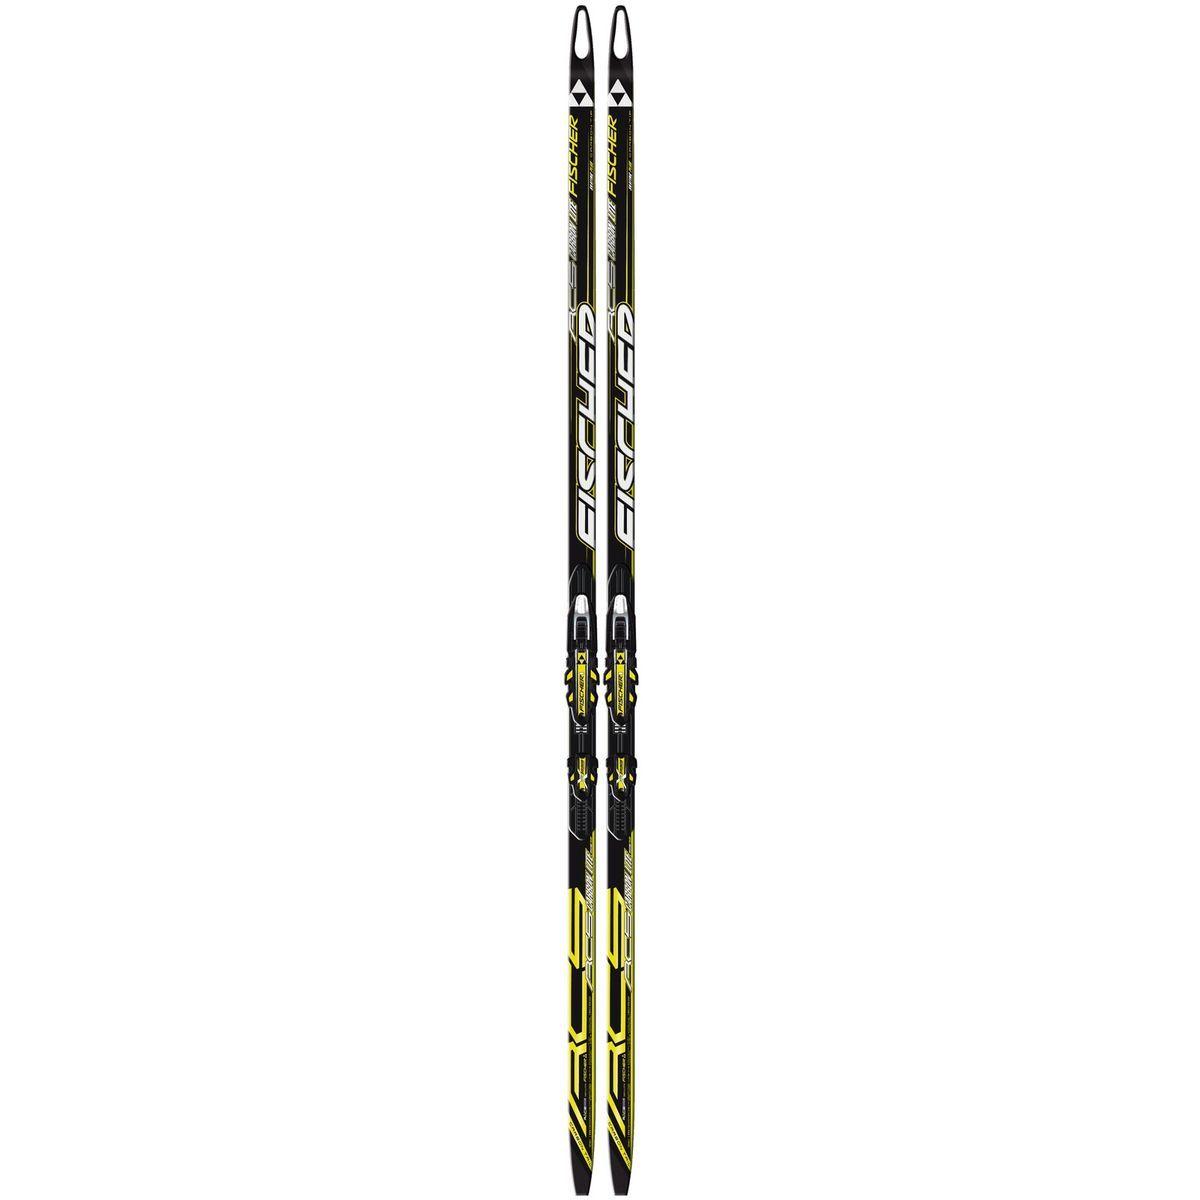 RCS Carbonlite Skating Plus NIS HOLE ink. Bindung 187 cm